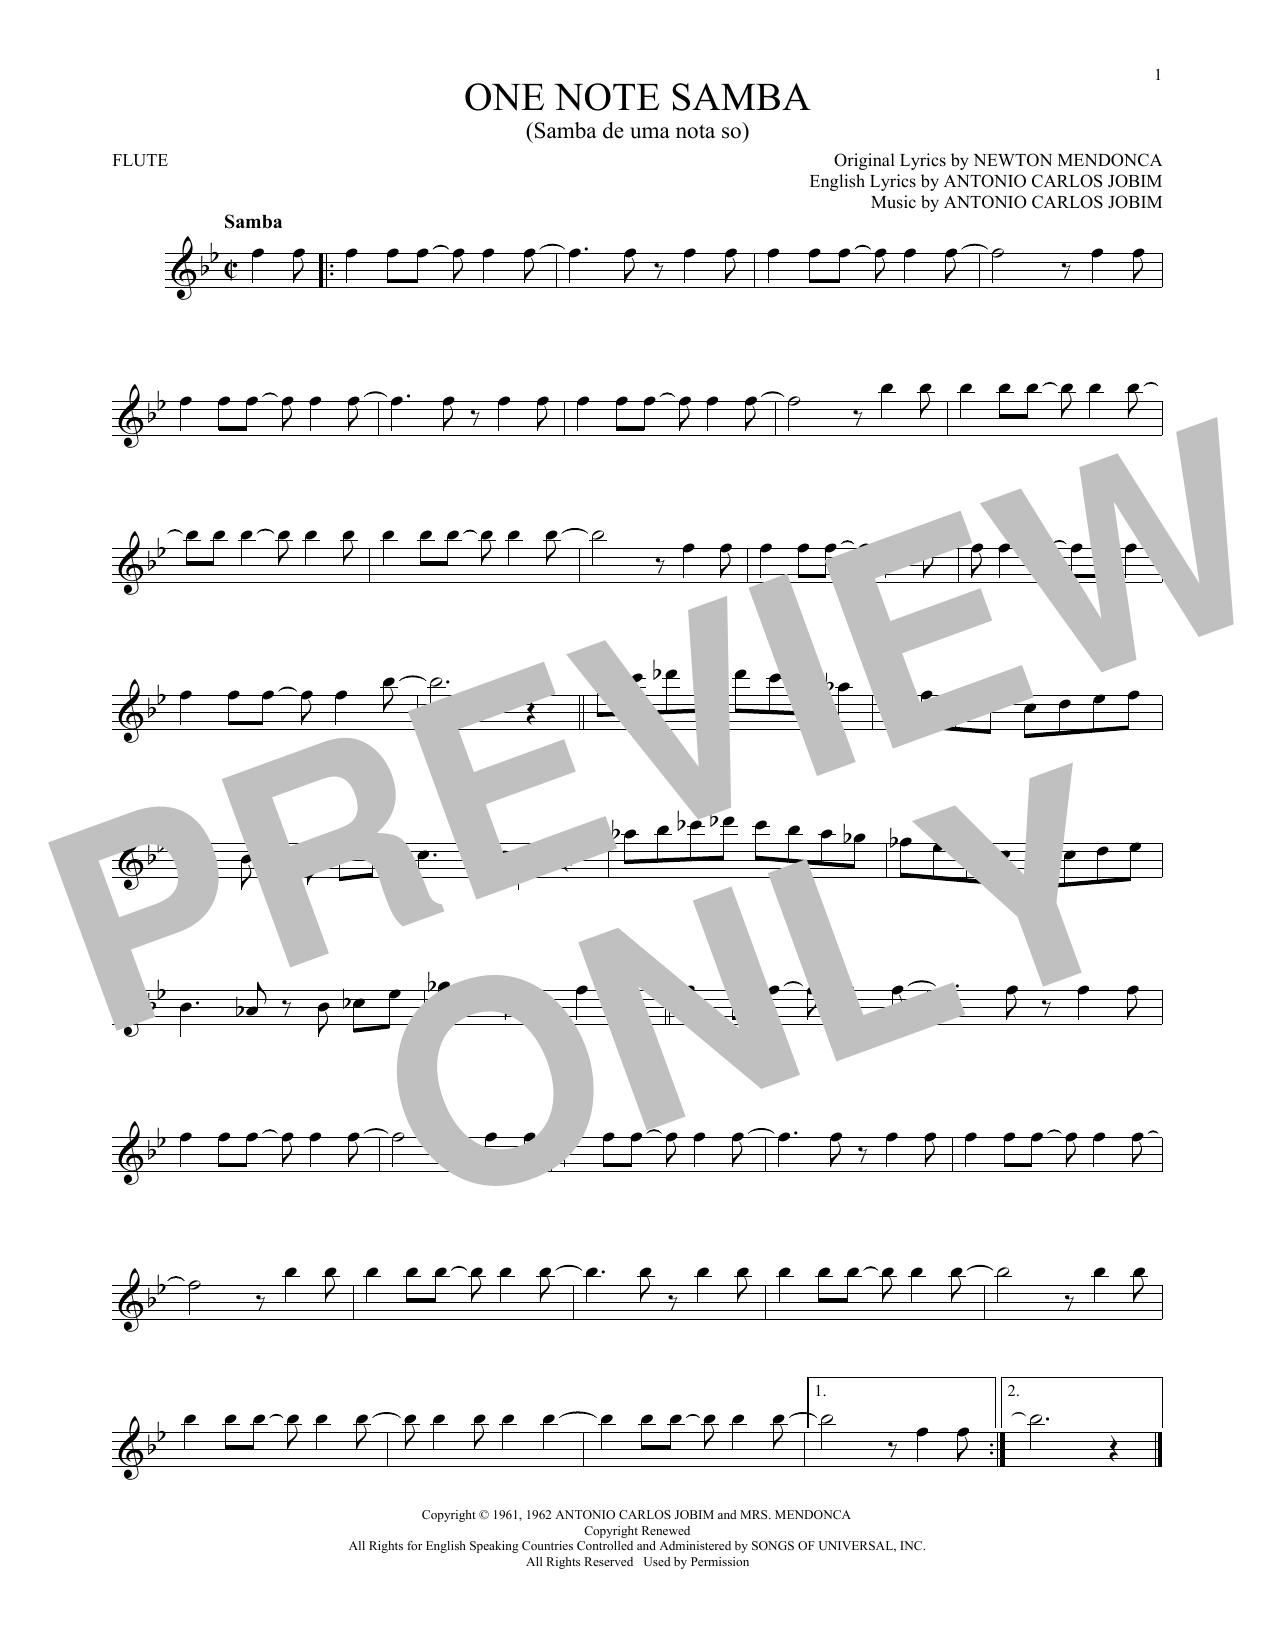 One Note Samba (Samba De Uma Nota So) (Flute Solo)